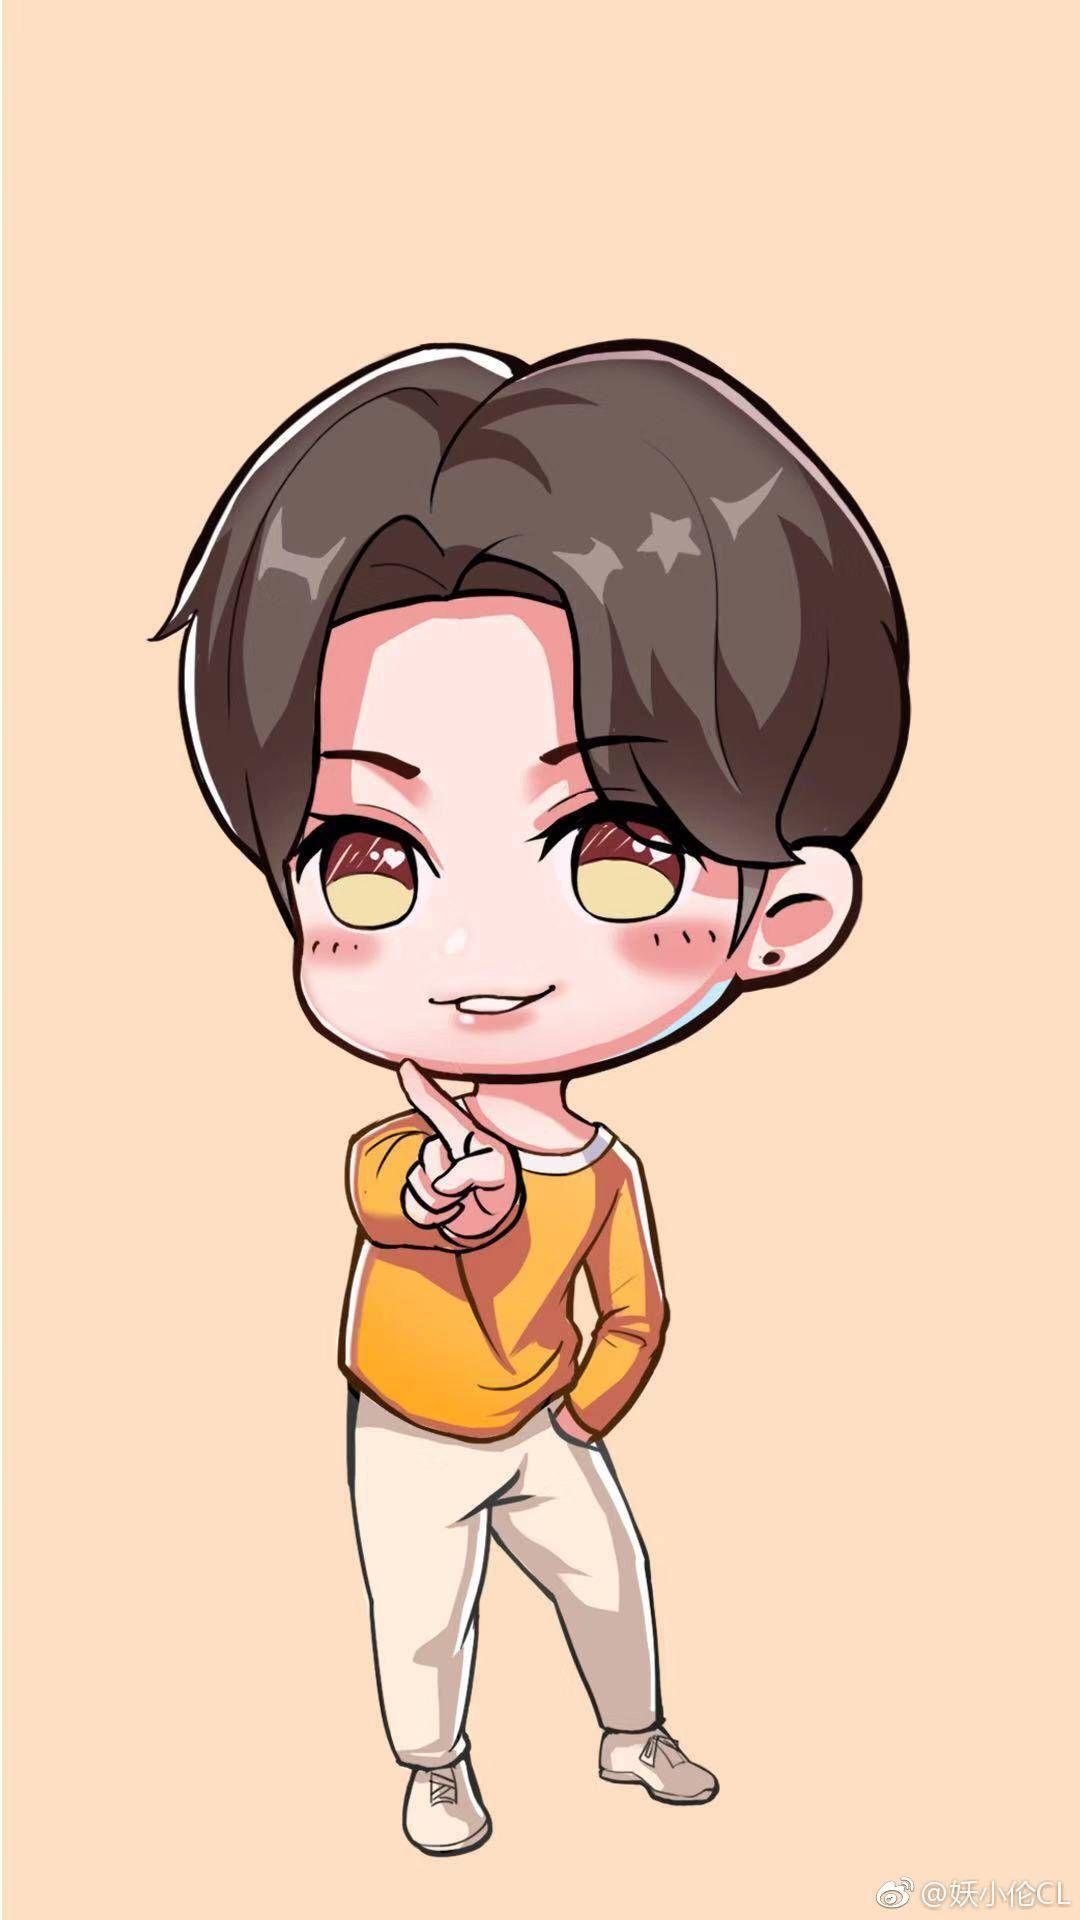 Justin Huang Minghao 黄明昊 Anime, Art, My life